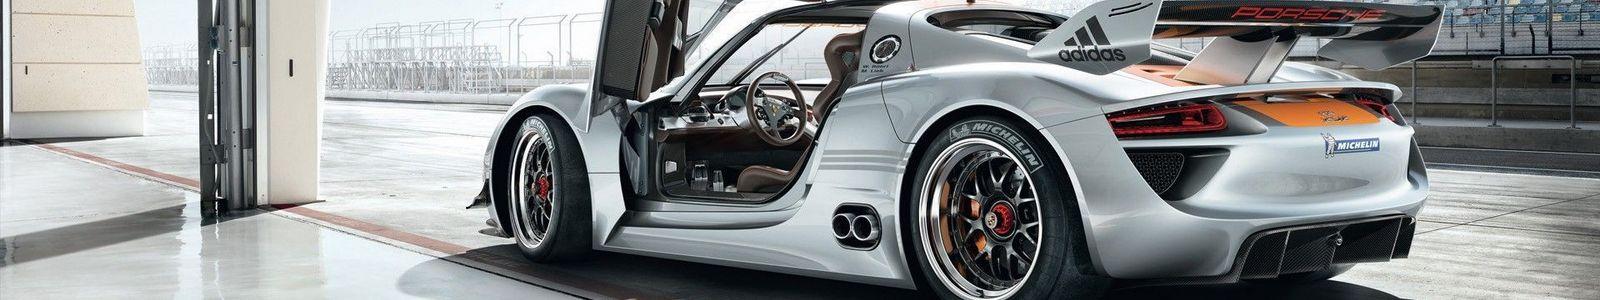 Ắc quy 92AH AGM ( ắc quy chính hãng của xe BMW)